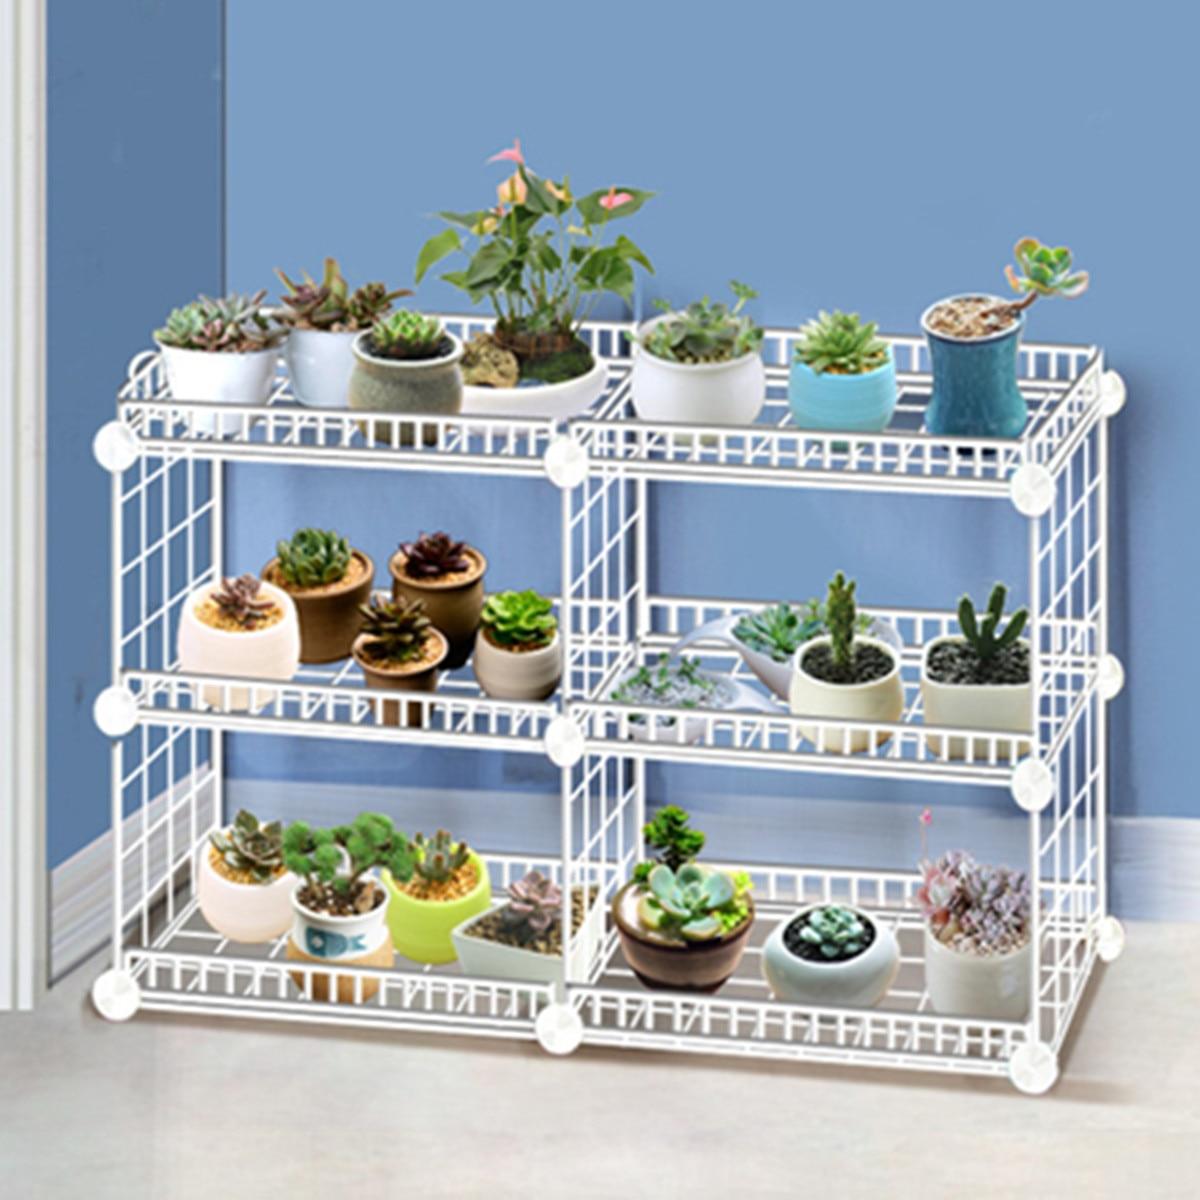 Бытовая кованая железная многоярусная подставка для растений с четырьмя сторонами стеллаж для забора для балкона Крытый садовый цветочный...